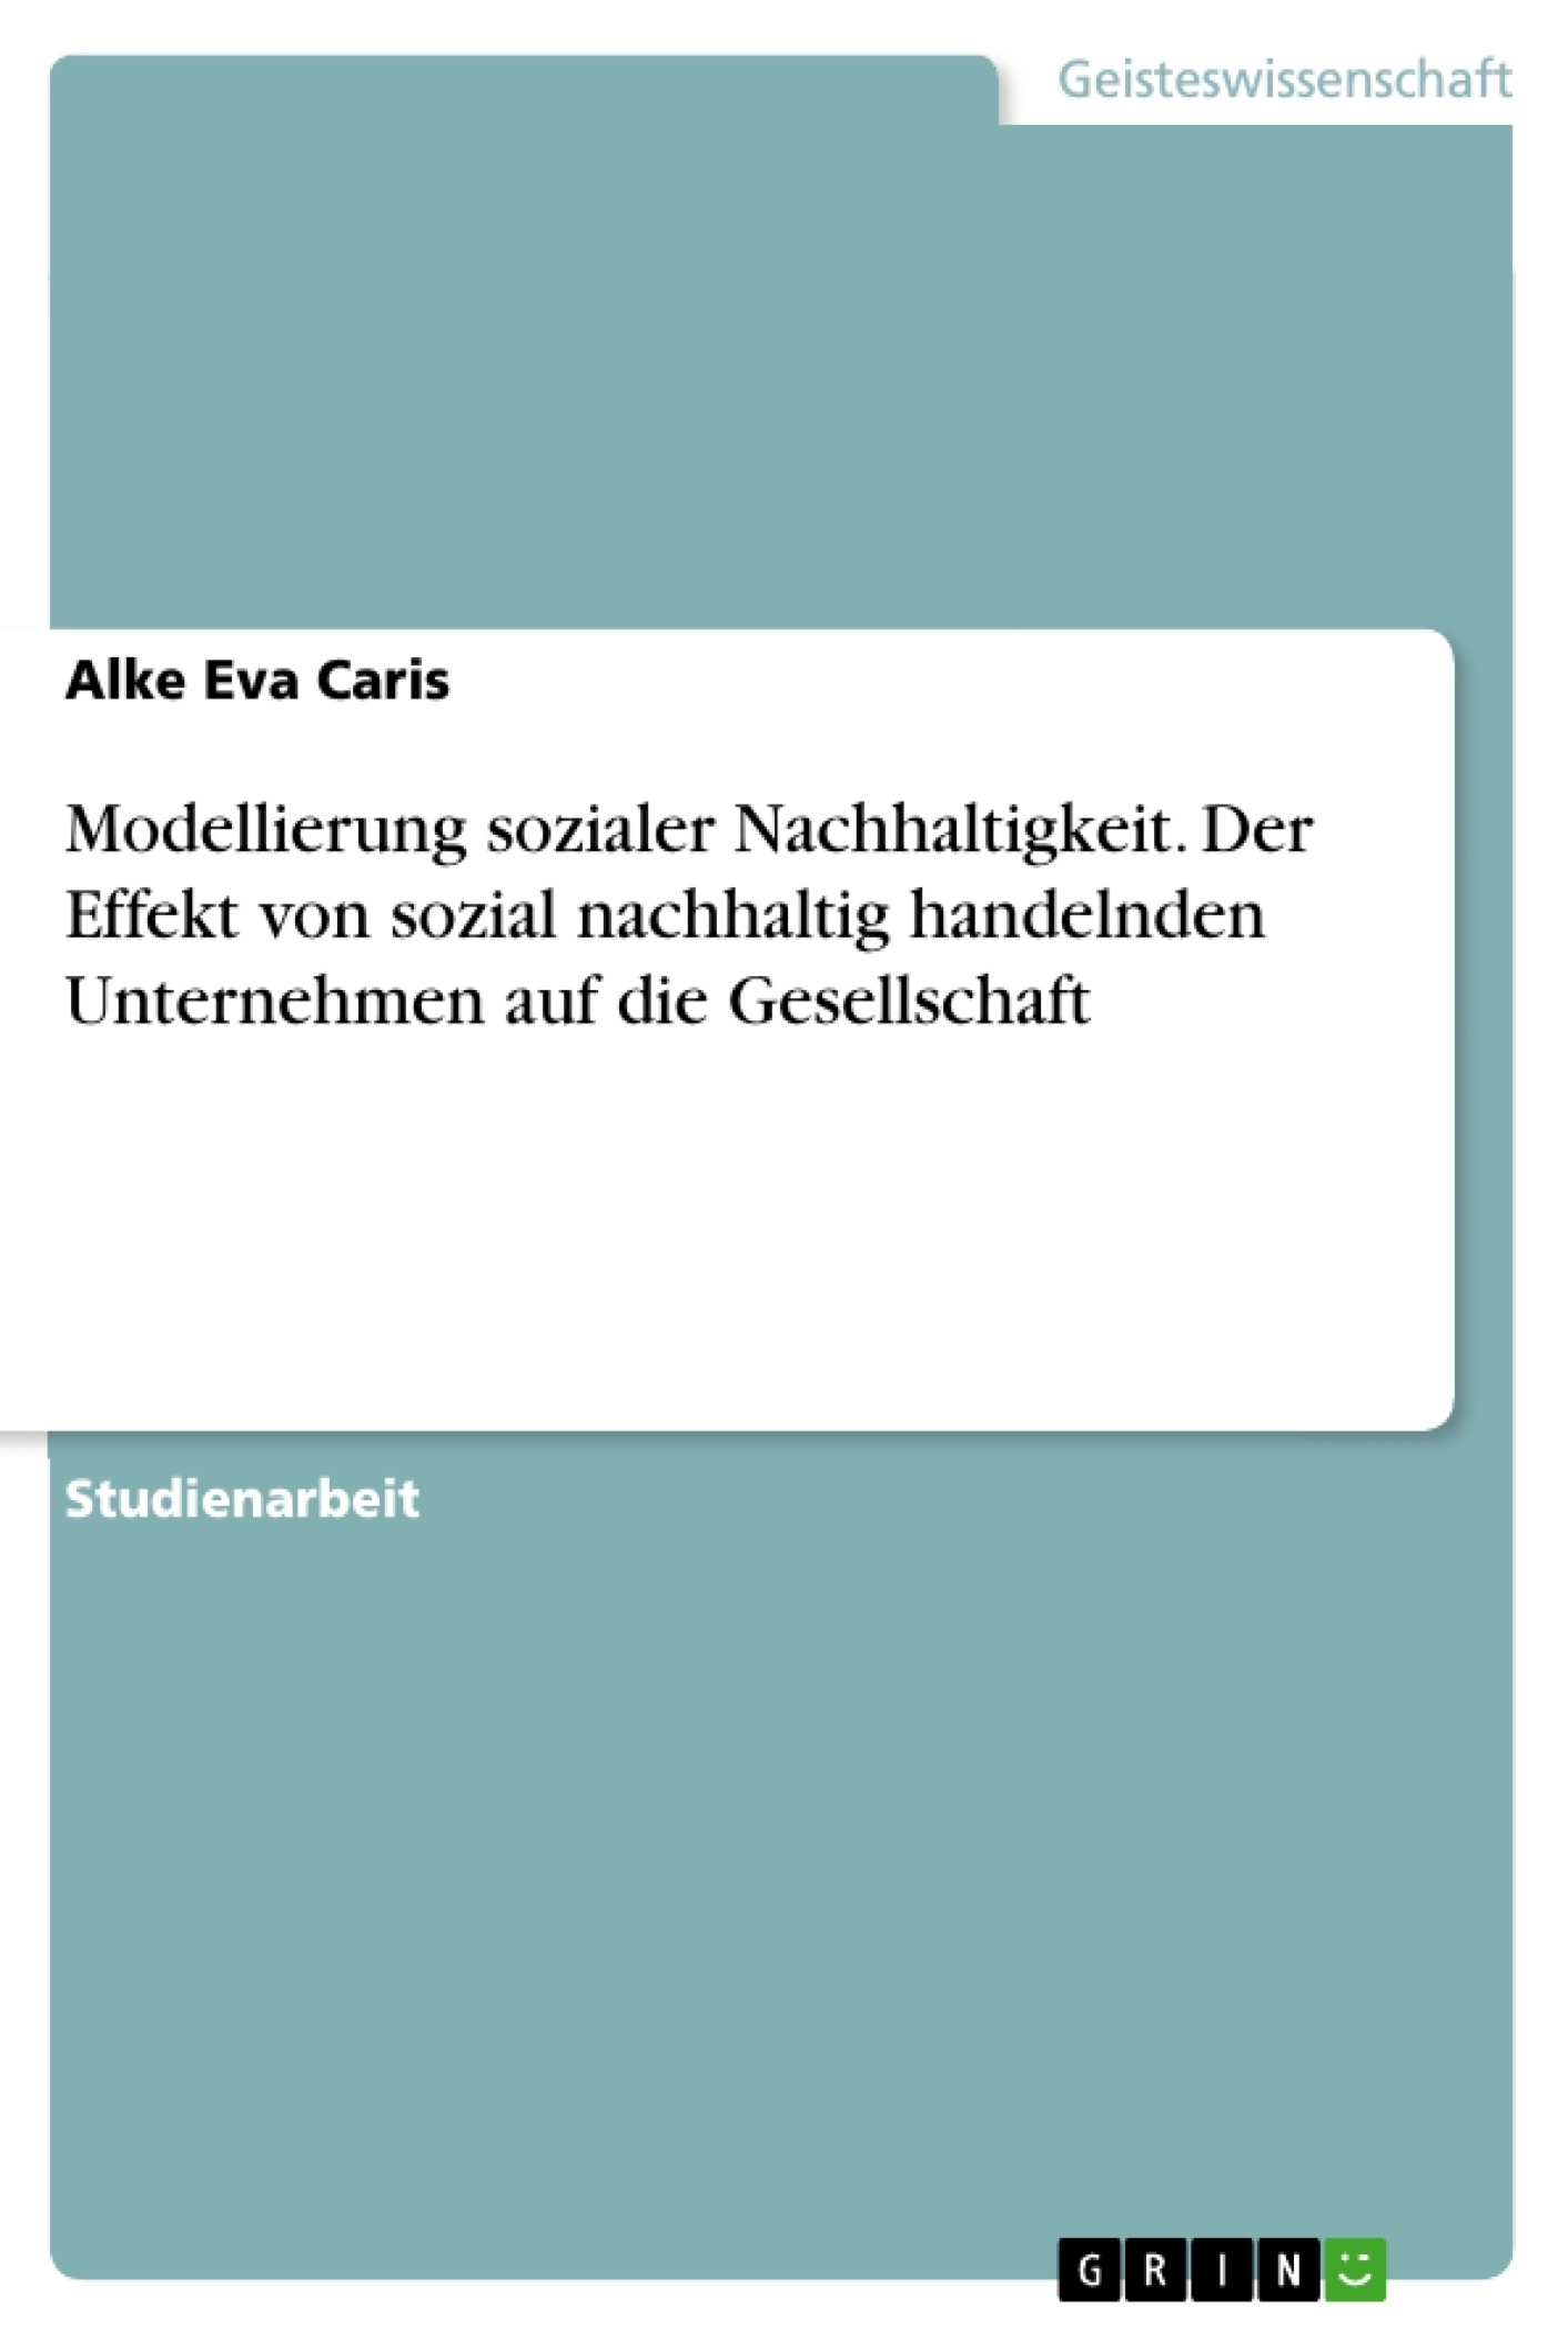 Titel: Modellierung sozialer Nachhaltigkeit. Der Effekt von sozial nachhaltig handelnden Unternehmen auf die Gesellschaft